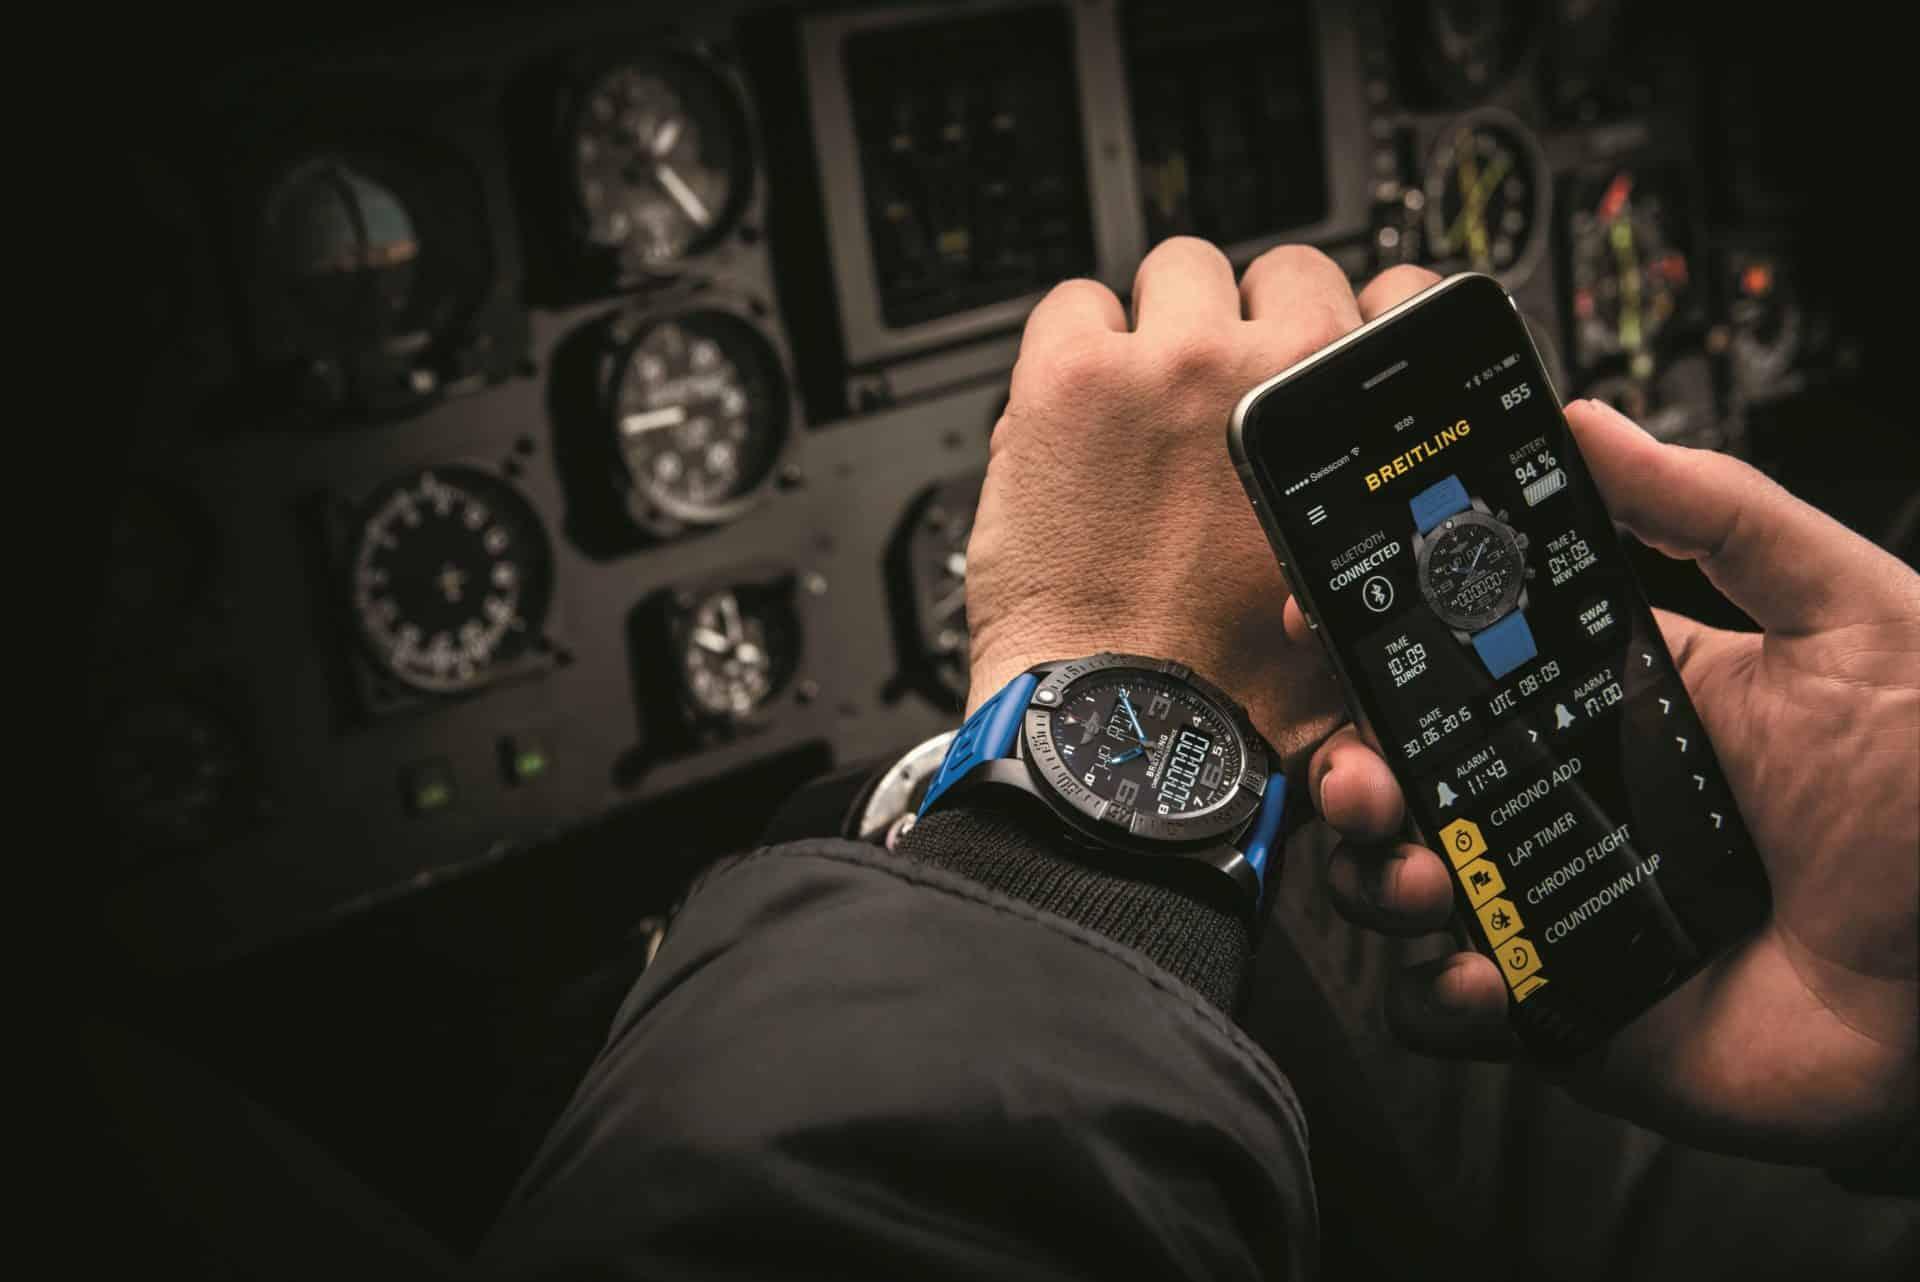 Alles unter Kontrolle im Cockpit - auf der Uhr und auf dem Handy